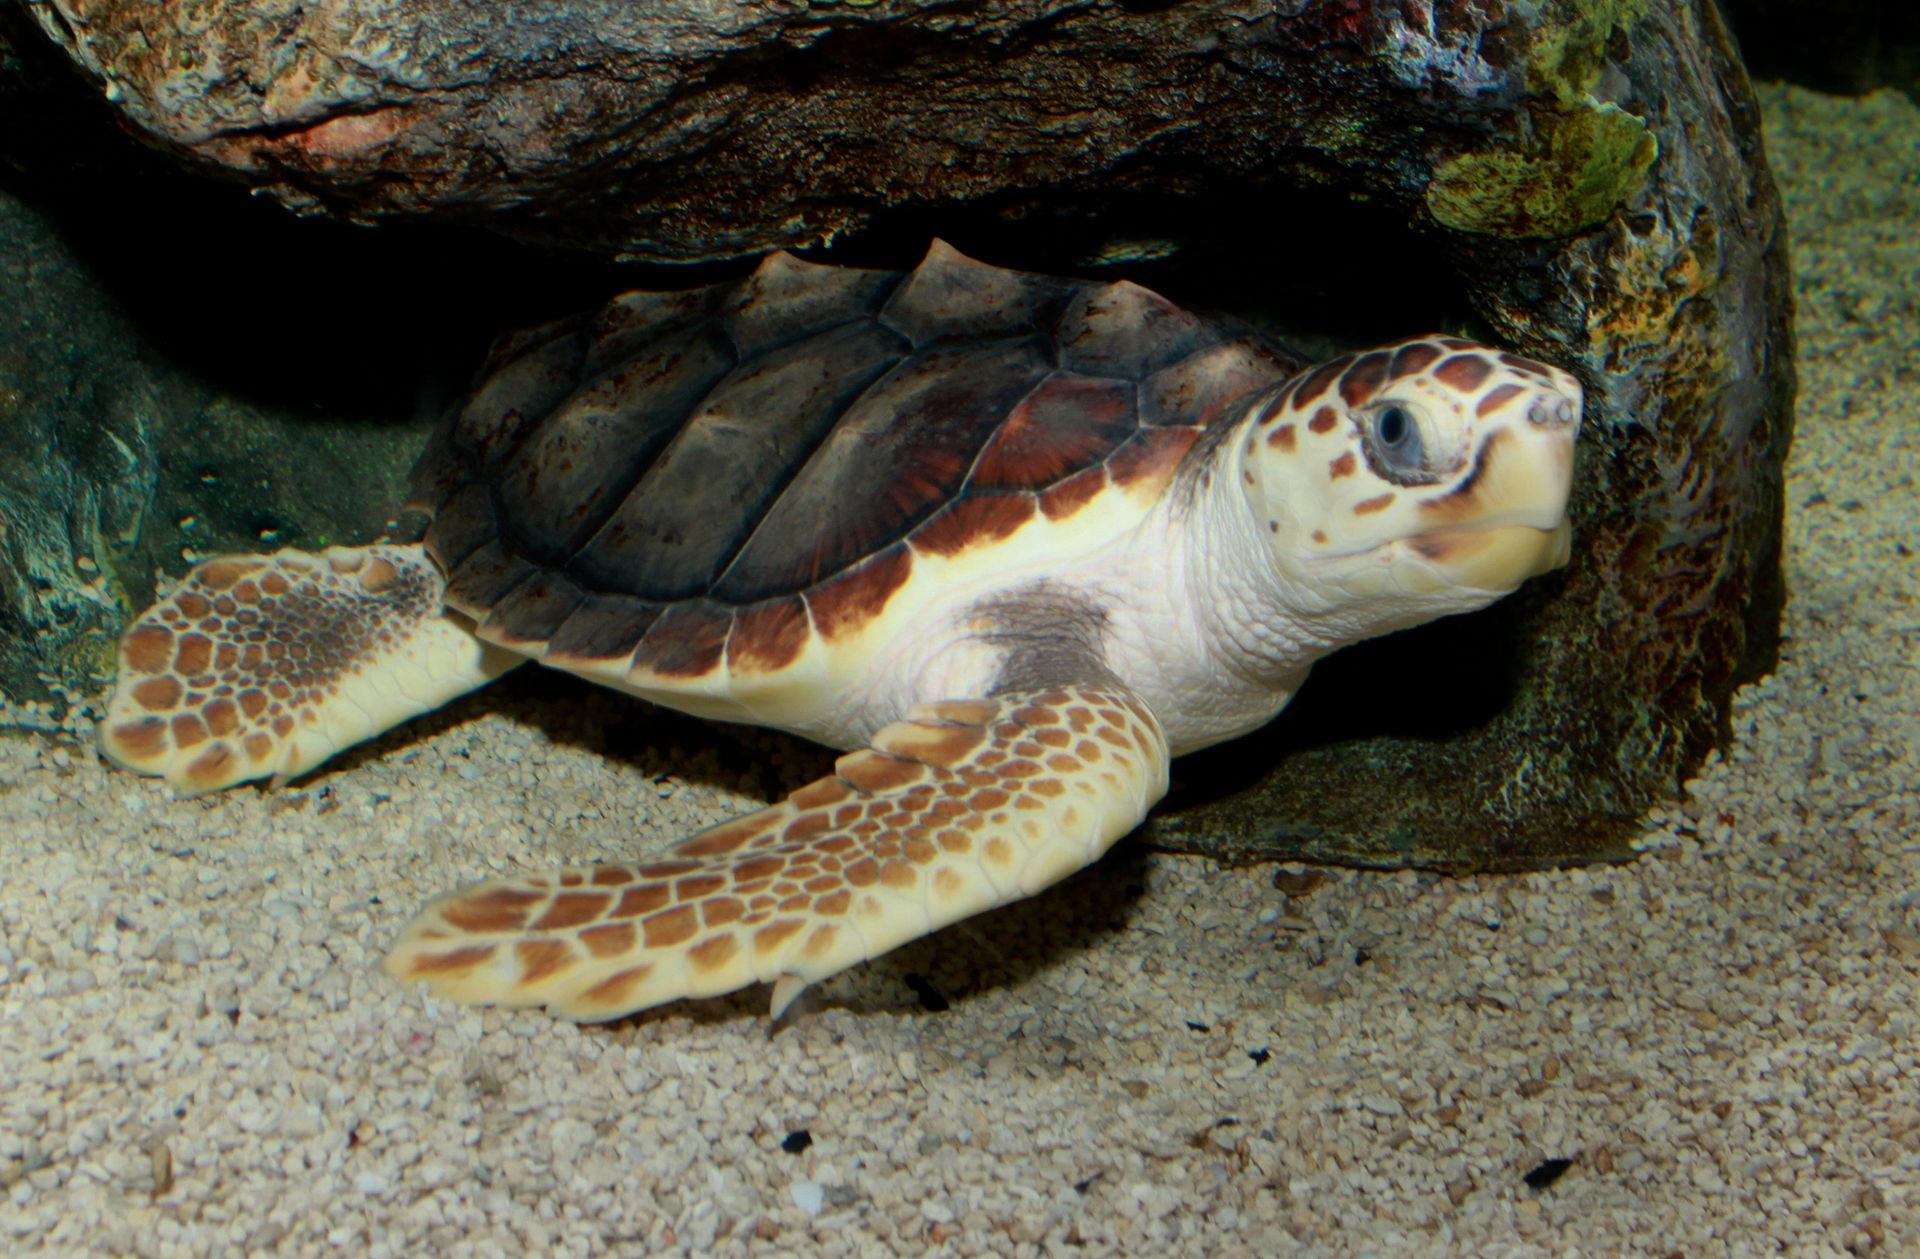 Egy új kutatás szerint a tengeri teknősöket nemcsak a műanyagszemét kinézete, hanem a szaga is vonzza